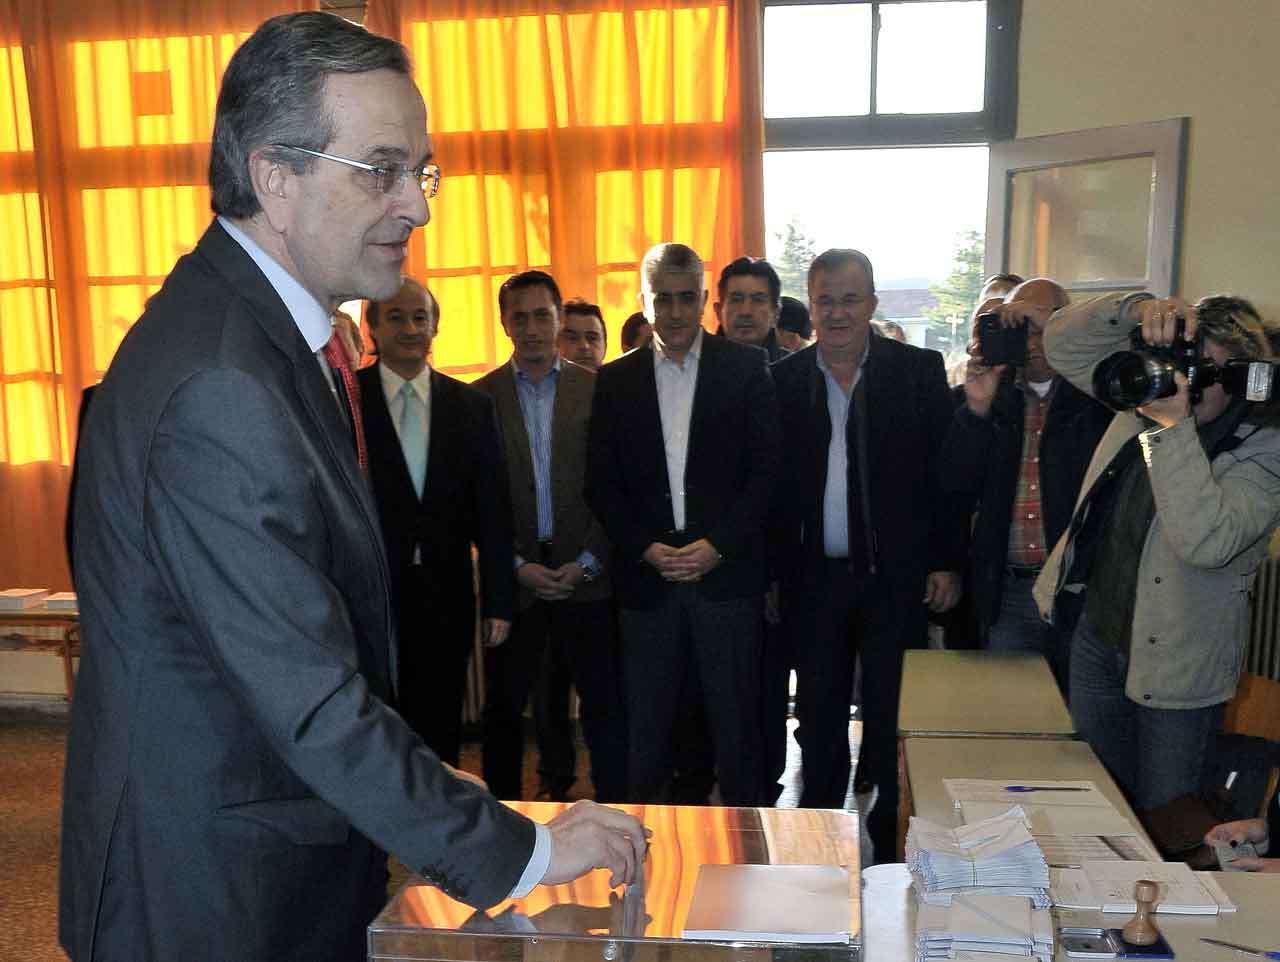 Antonis Samaras, primer ministro de Grecia y líder del partido conservador Nueva Democracia, emite su voto en Pylos, Grecia, 25 de enero de 2015. Foto: AFP en español